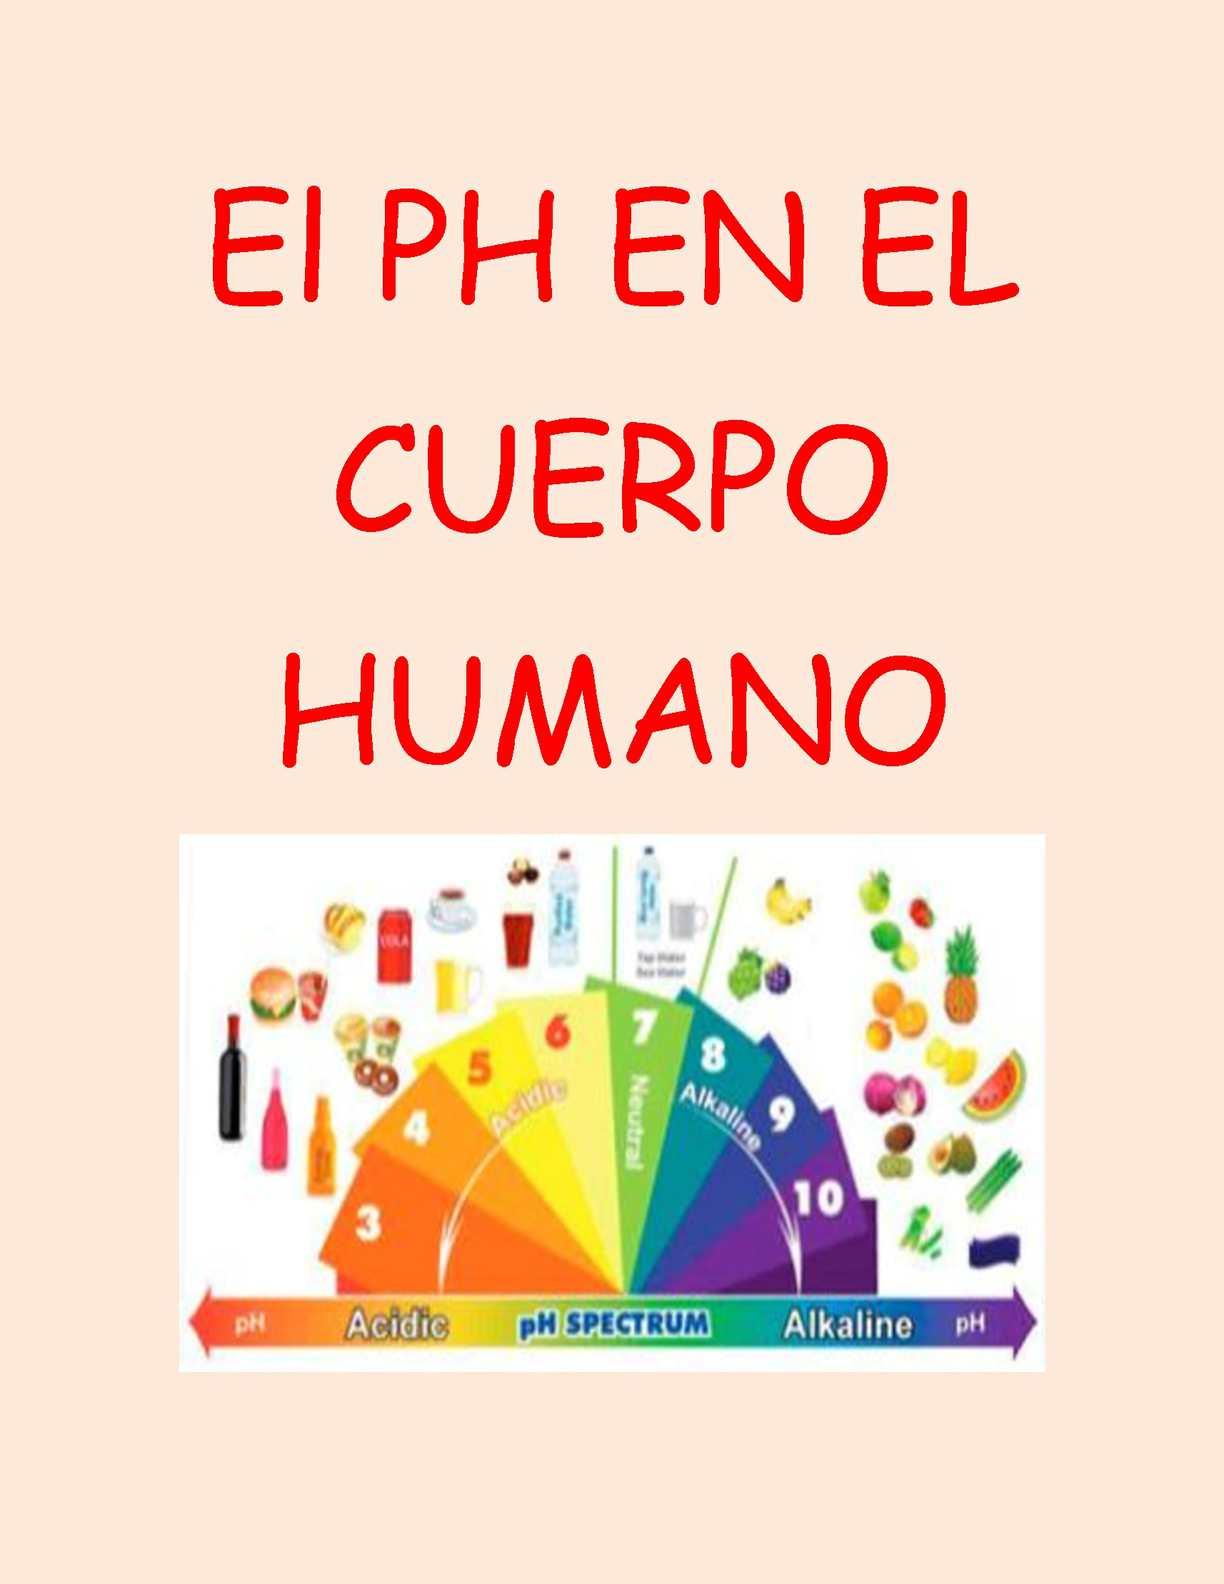 definicion de ph del cuerpo humano